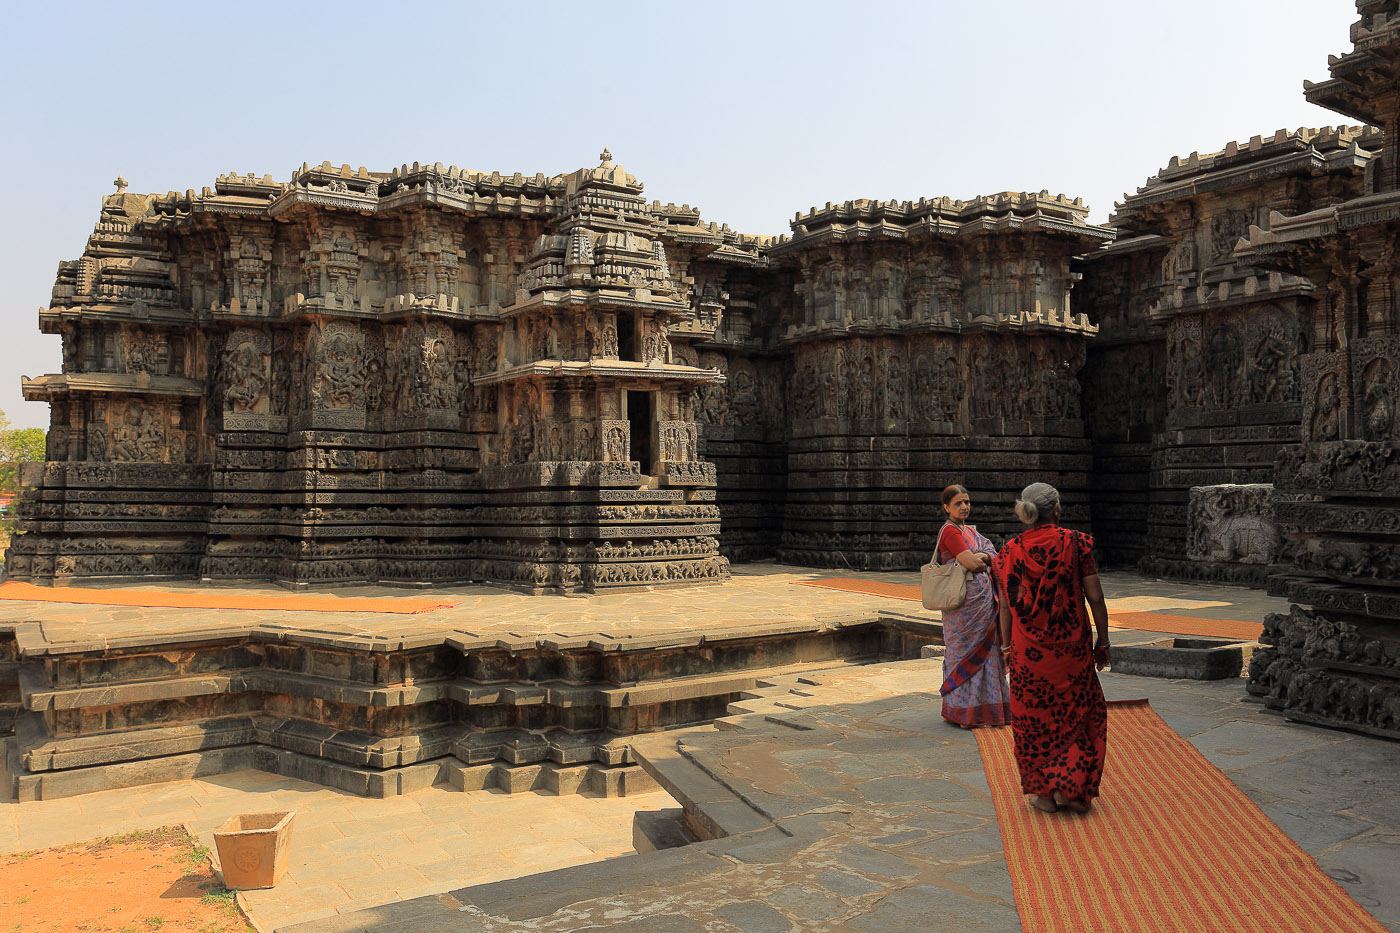 Фотография №5. Храм Хойсалешвара, элементы декора. Женщины на фоне стен. Отзывы об экскурсиях в Гокарне. 1/50, -1 eV, f9, 29 mm, ISO 100.